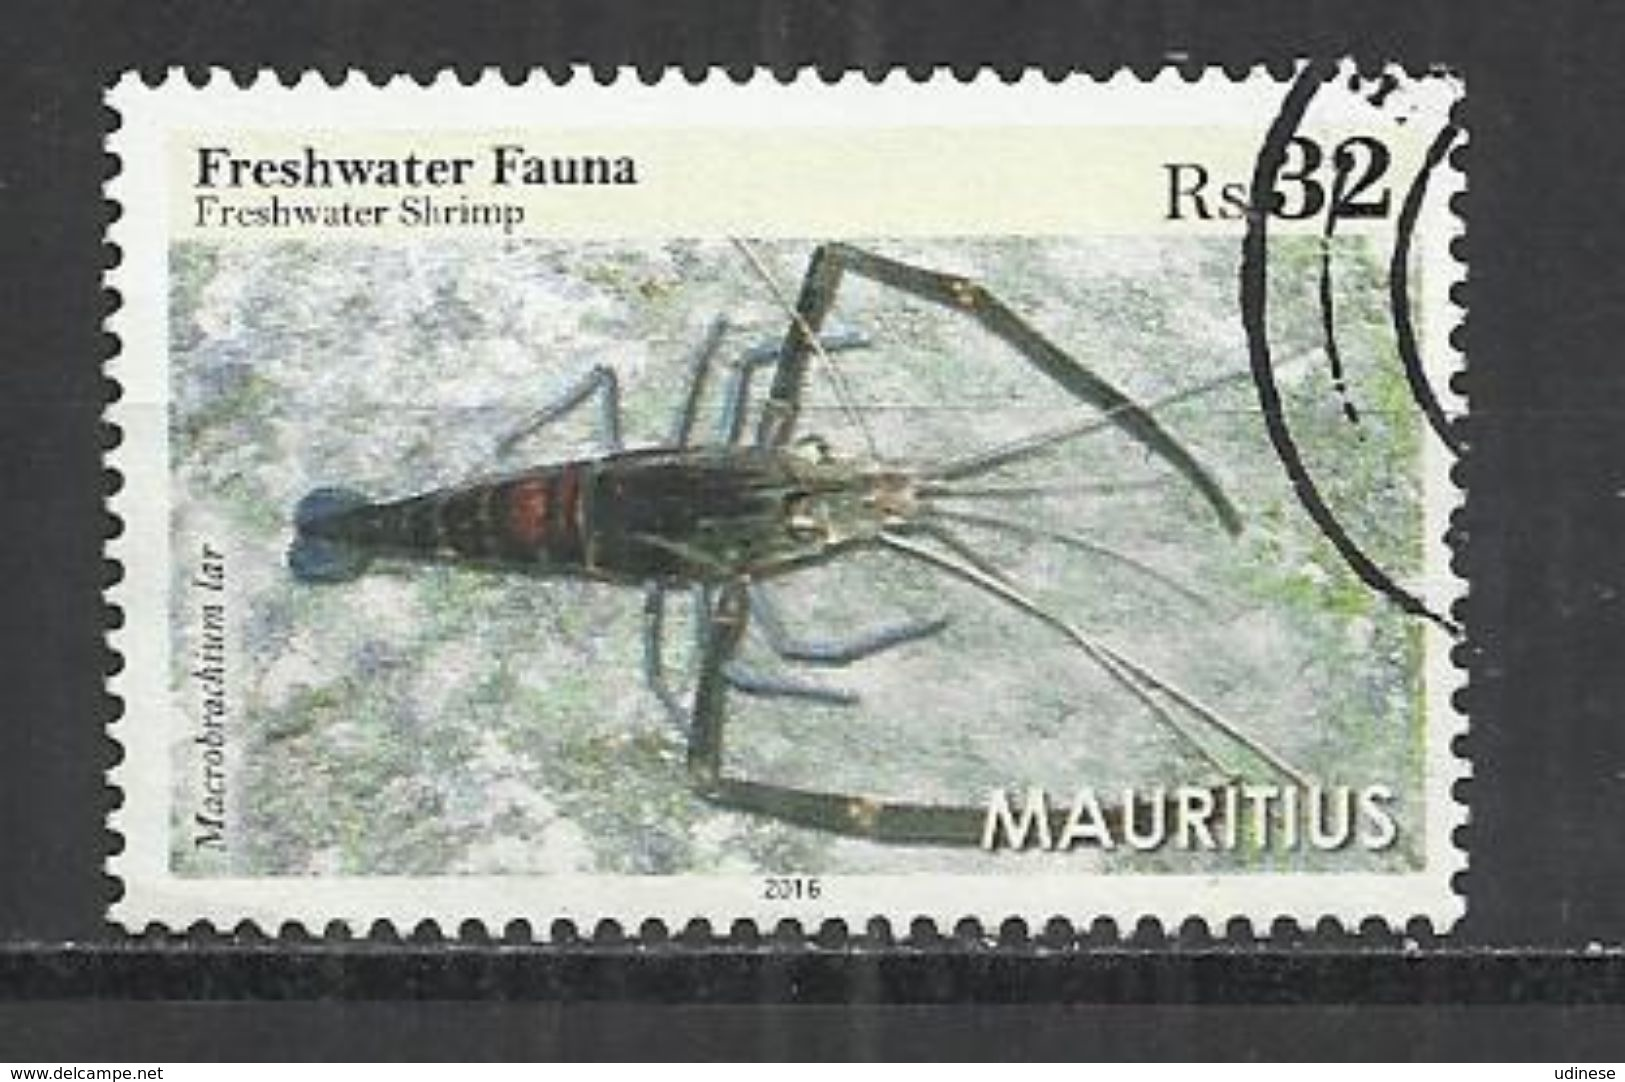 MAURITIUS 2016 - FRESHWATER SHRIMP (MACROBRACHIUM LAR) - USED OBLITERE GESTEMPELT USADO - Crustacés